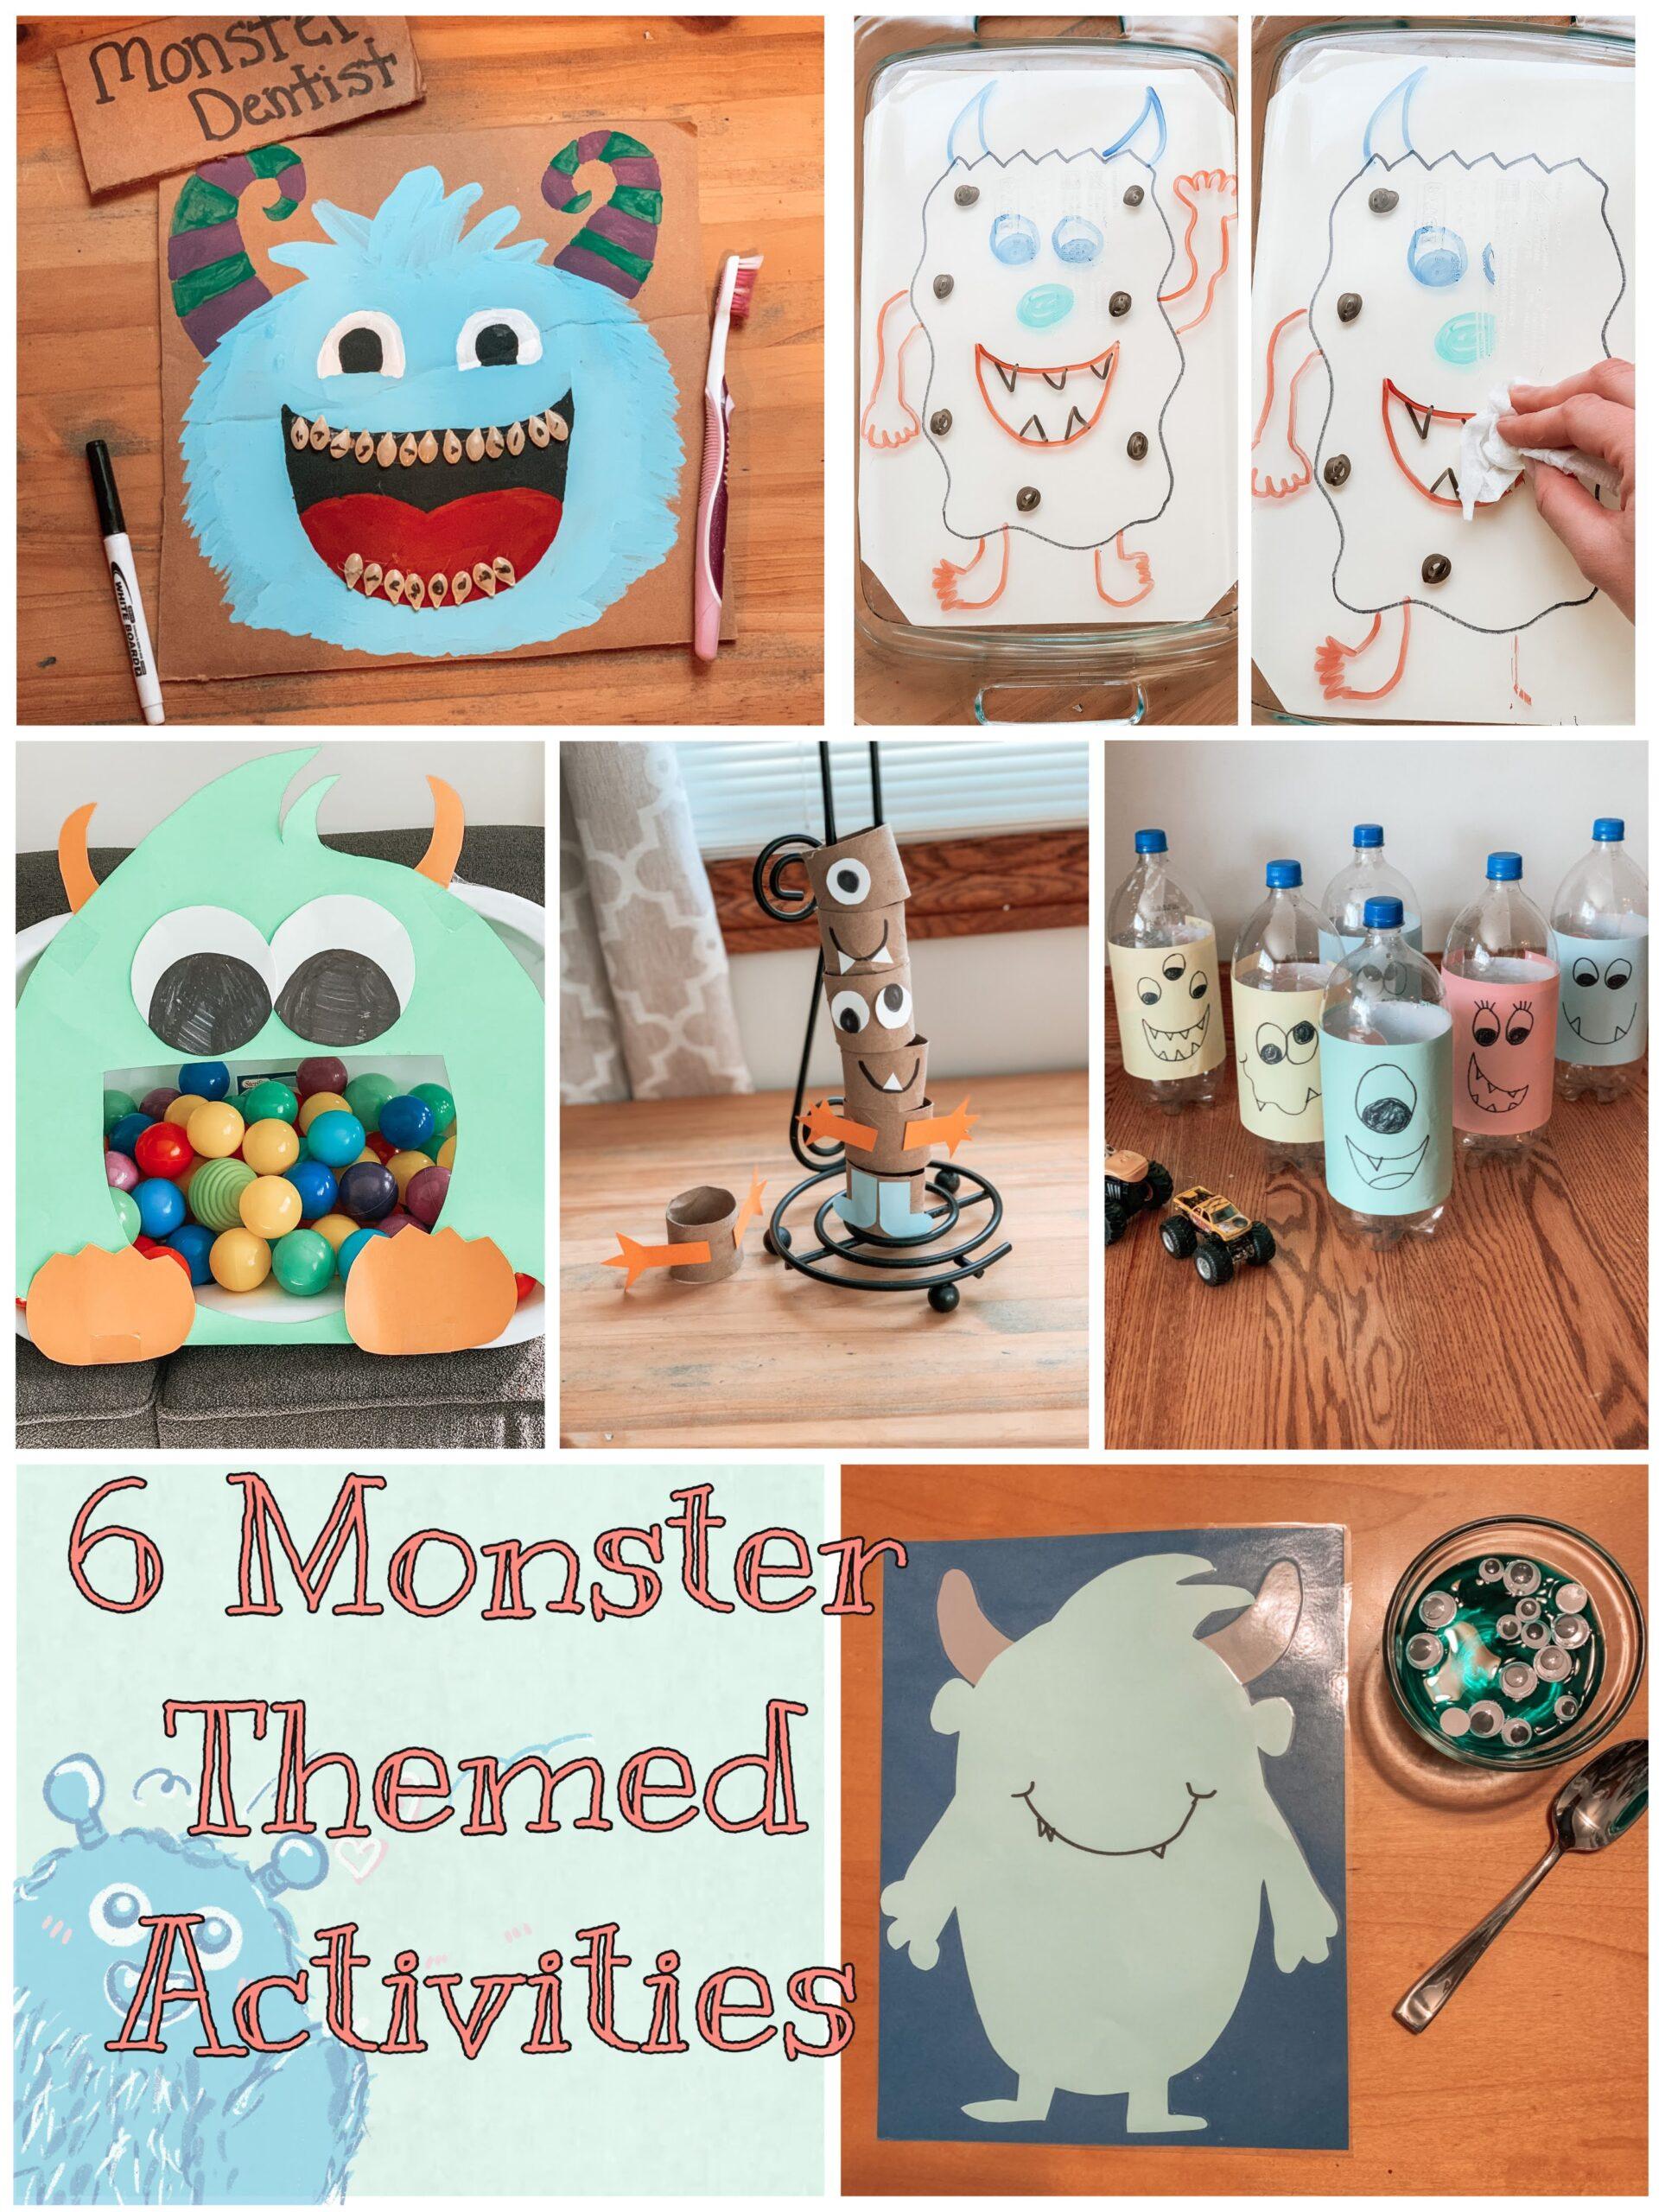 6 Monster Activities